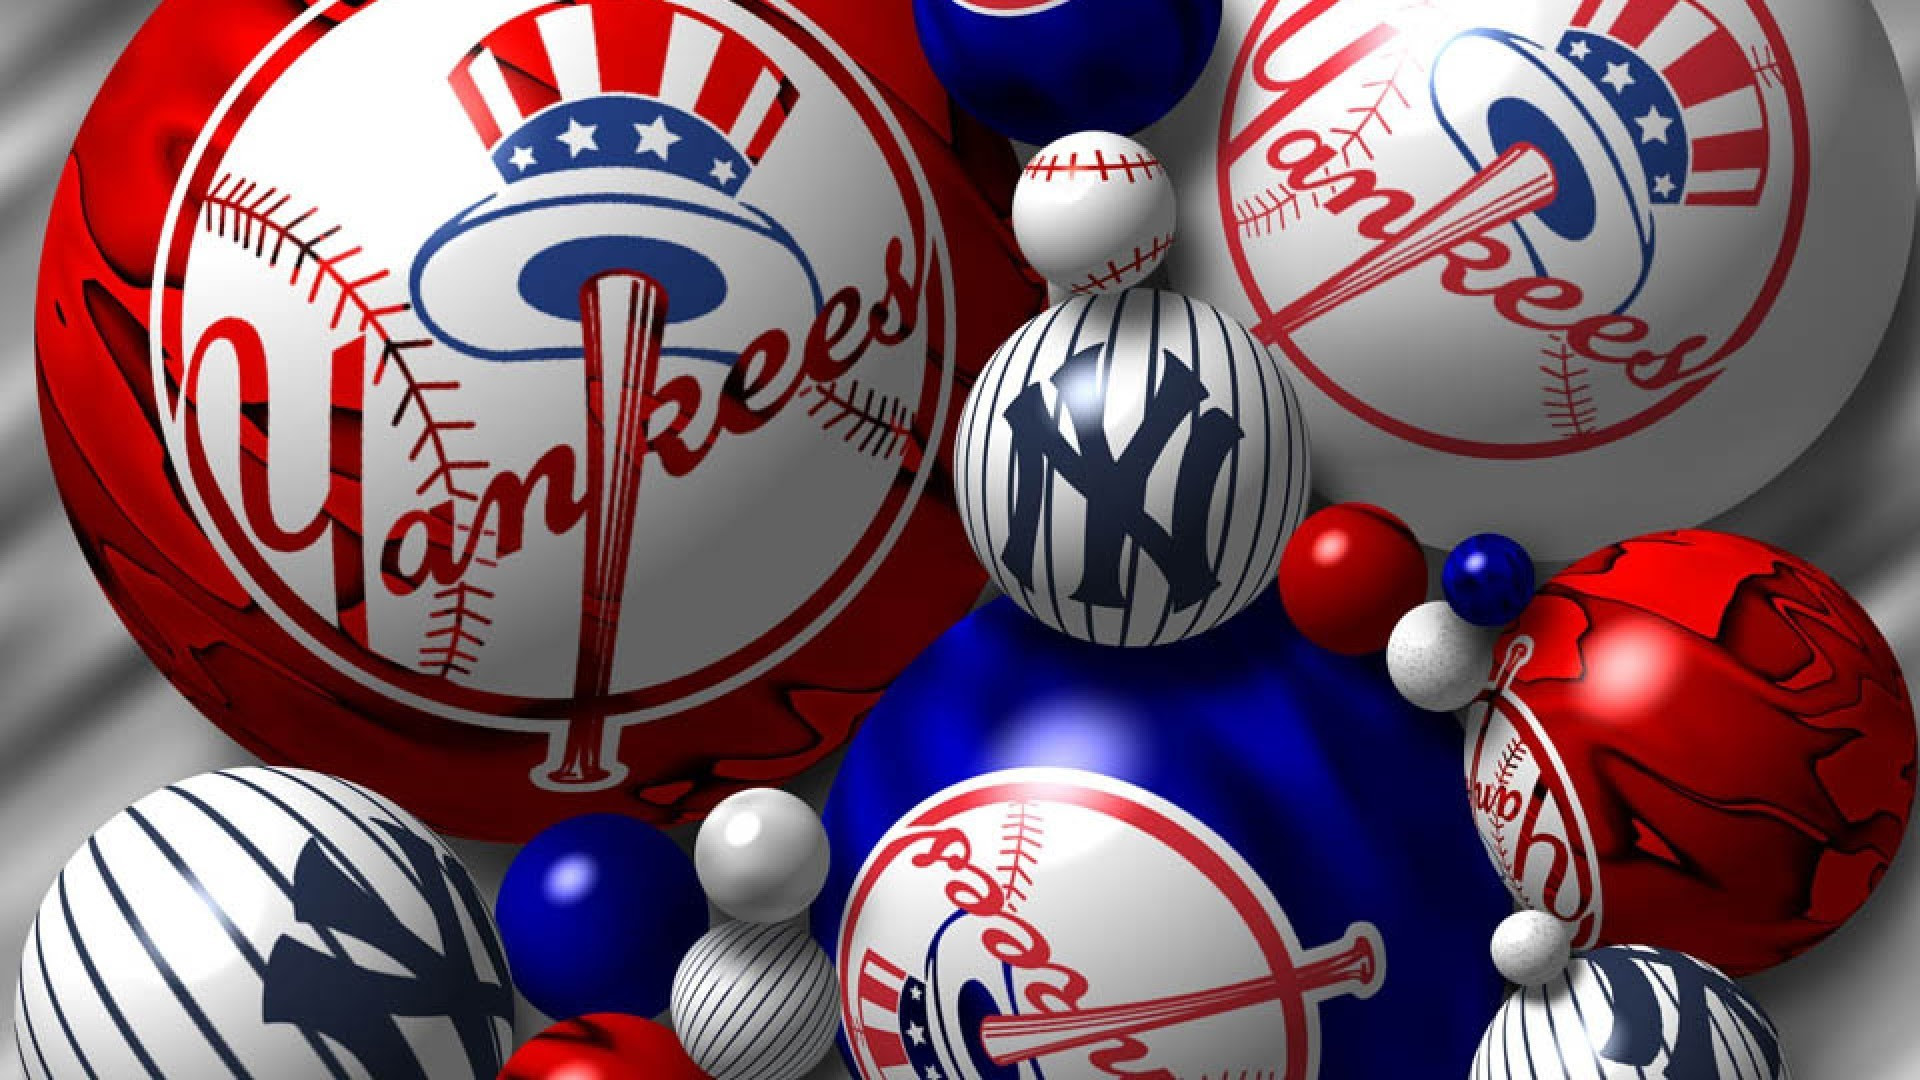 New York Yankees Wallpaper Desktop (61+ images)